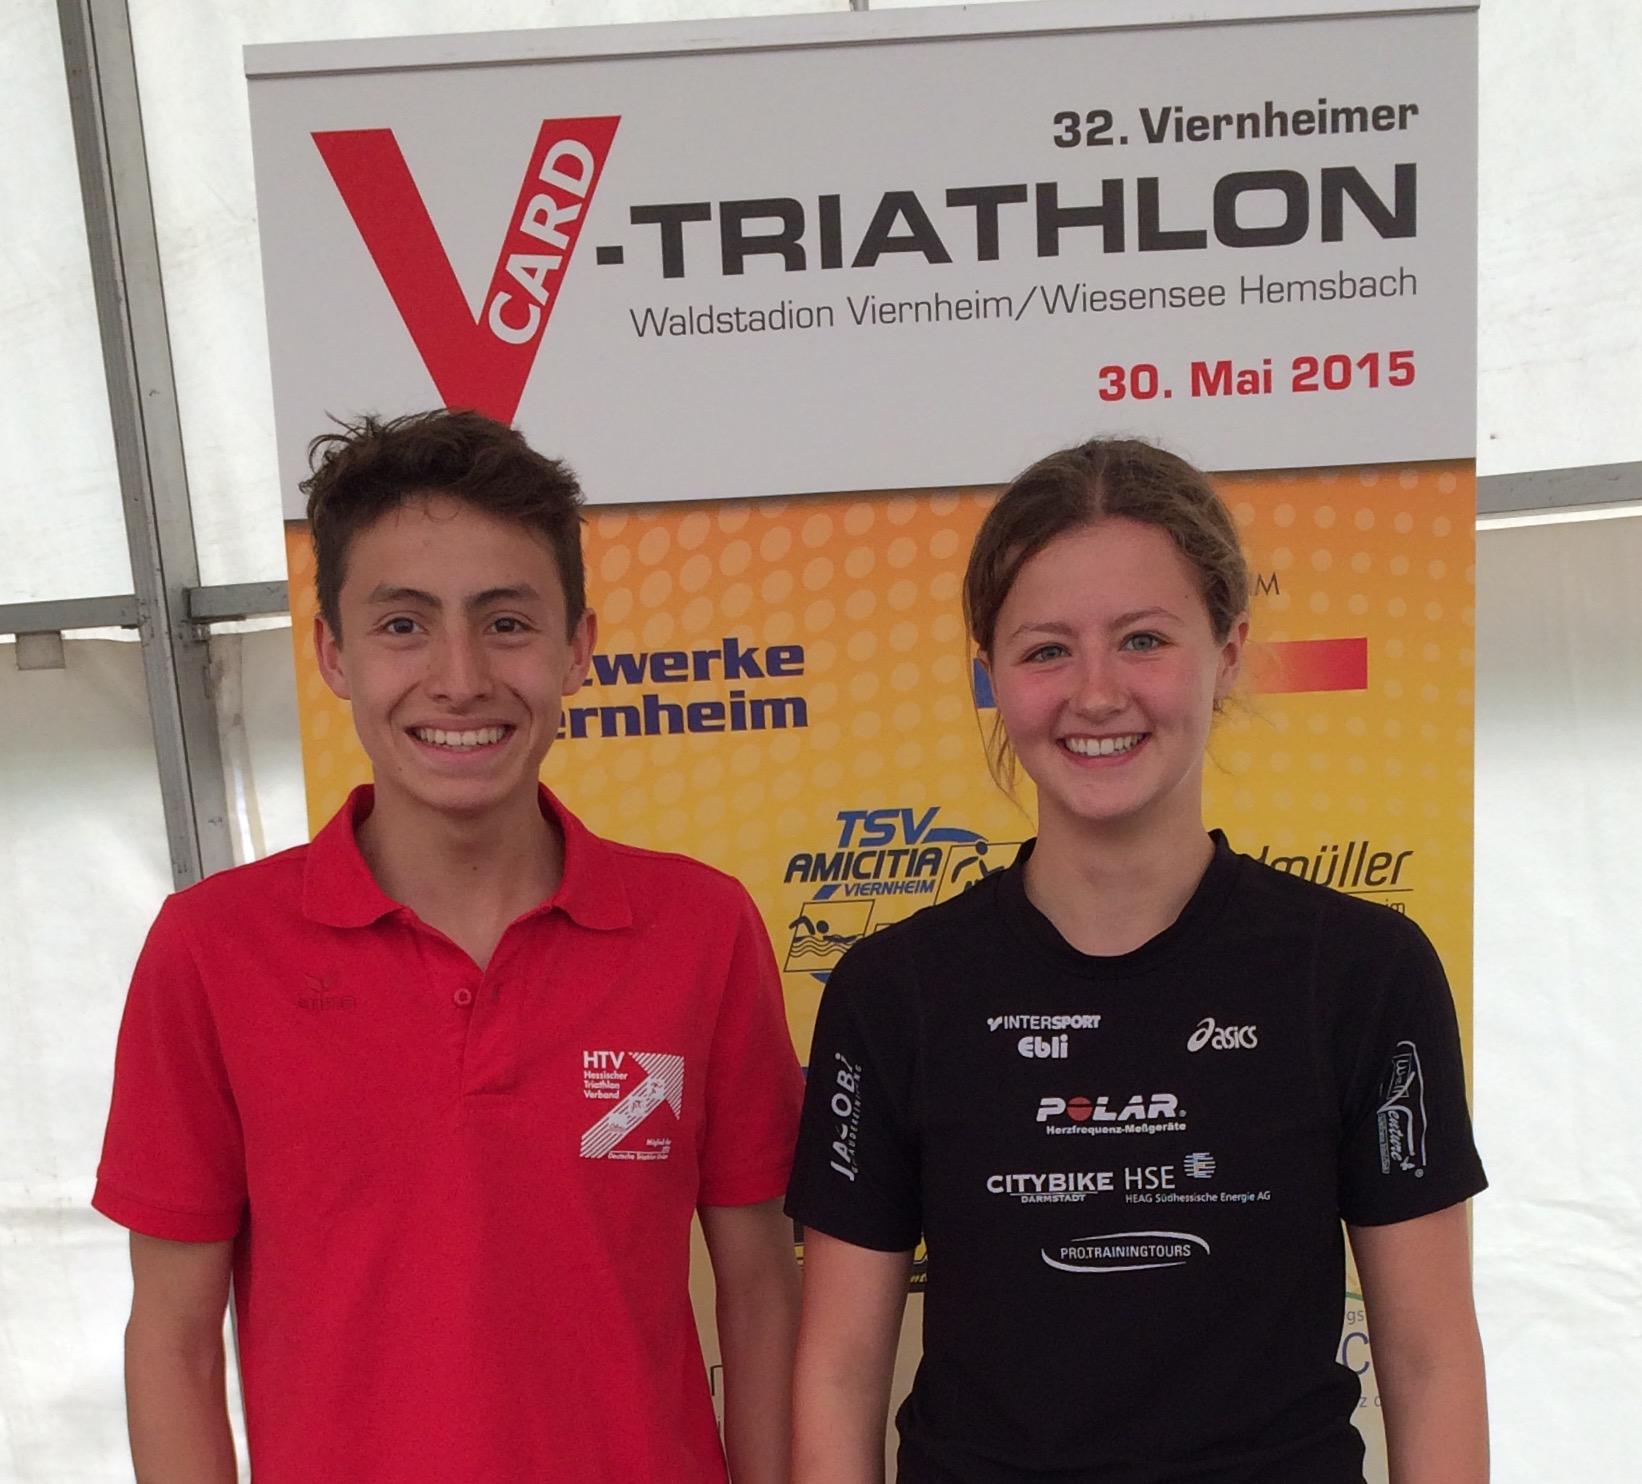 Elena Braun und Leon Günther werden Triathlon-Vizehessenmeister  in Viernheim